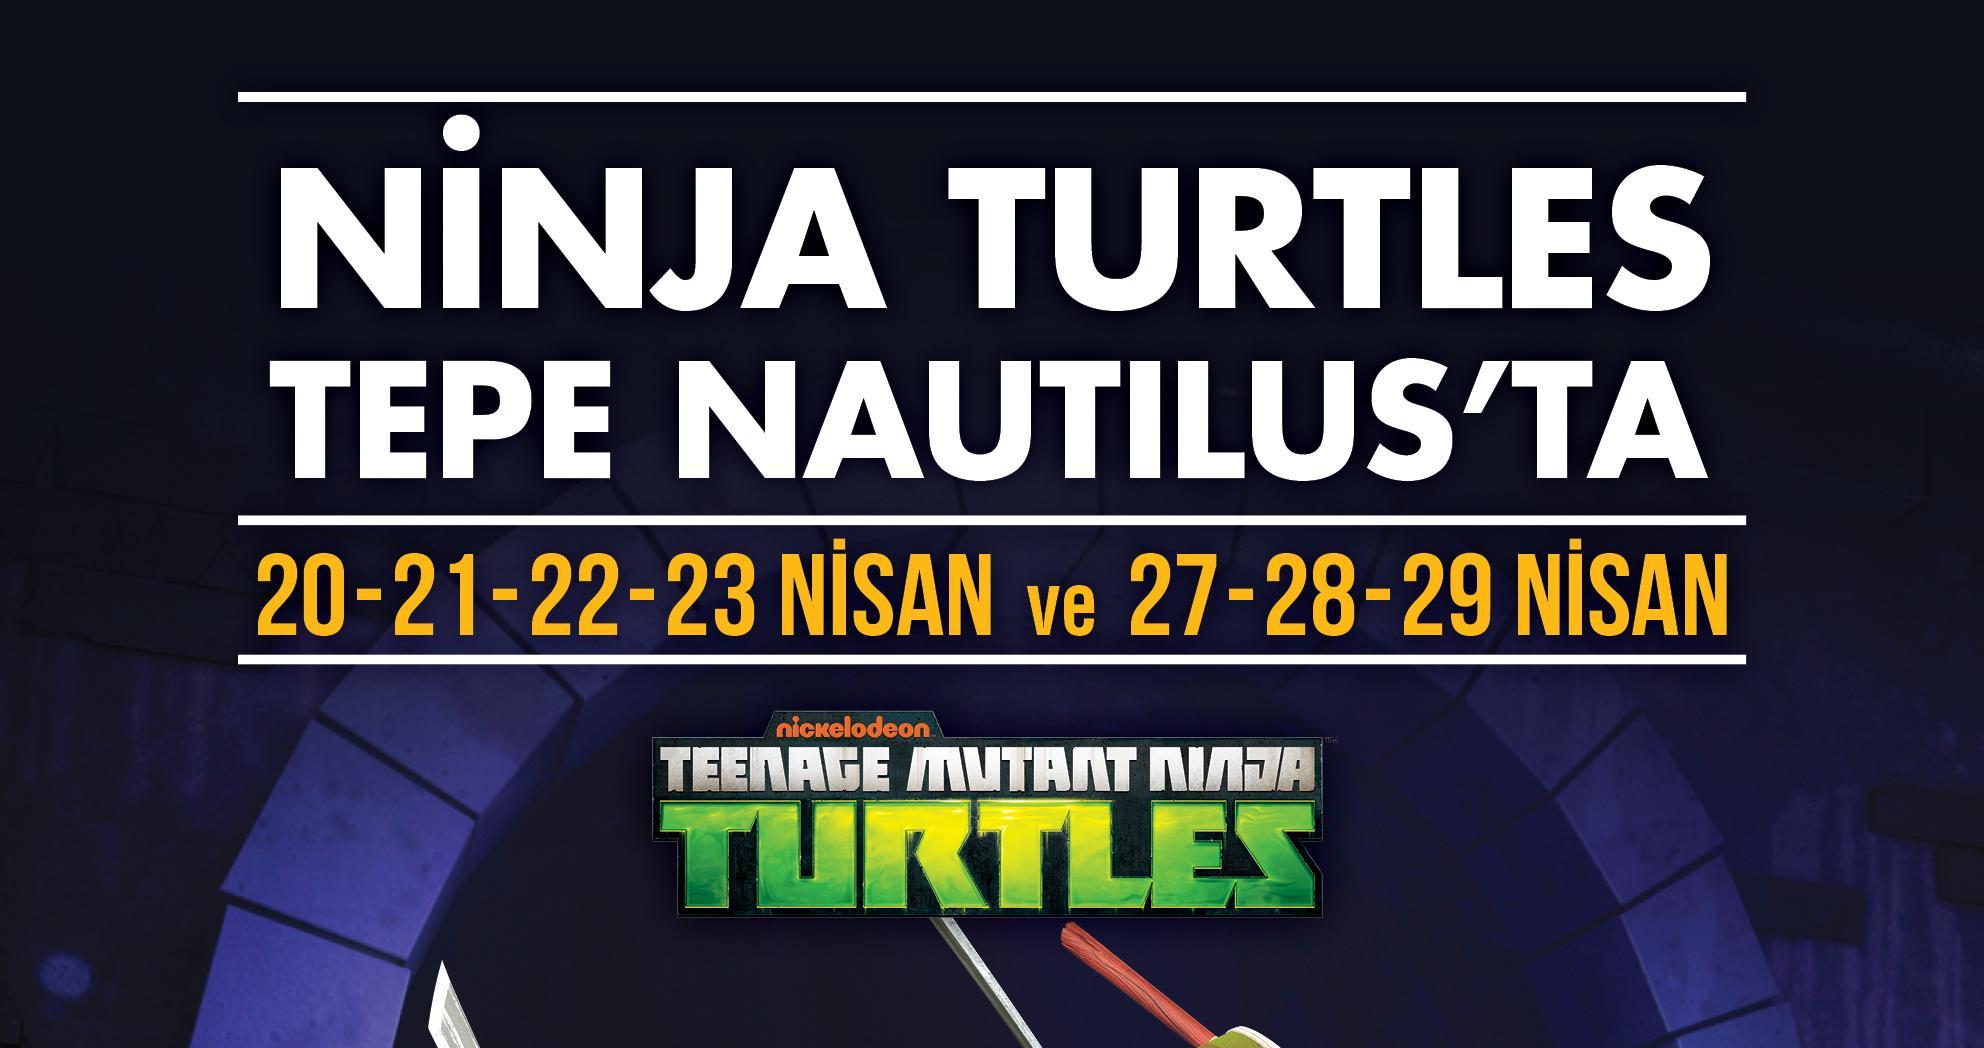 ÇOCUKLAR TEPE NAUTILUS'TA  NİNJA KAPLUMBAĞALAR İLE BULUŞUYOR